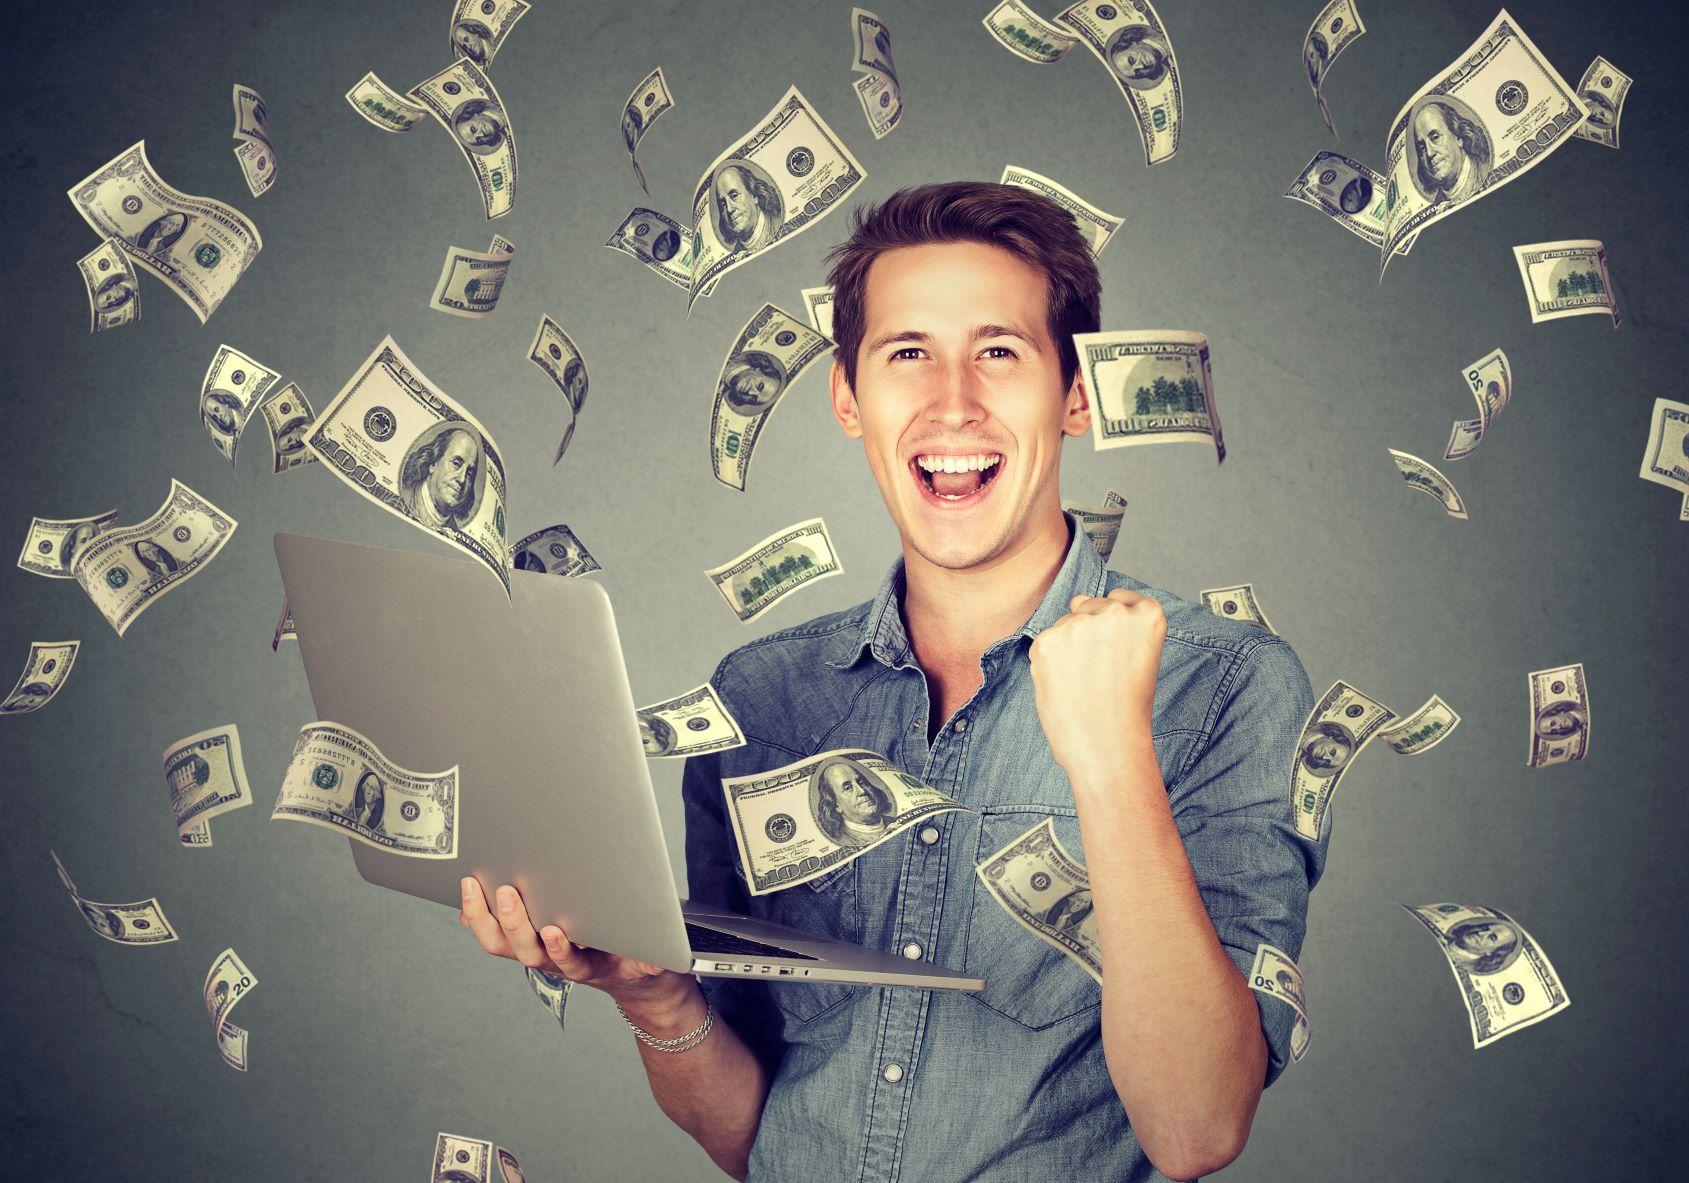 как фрилансеру получить деньги за работу